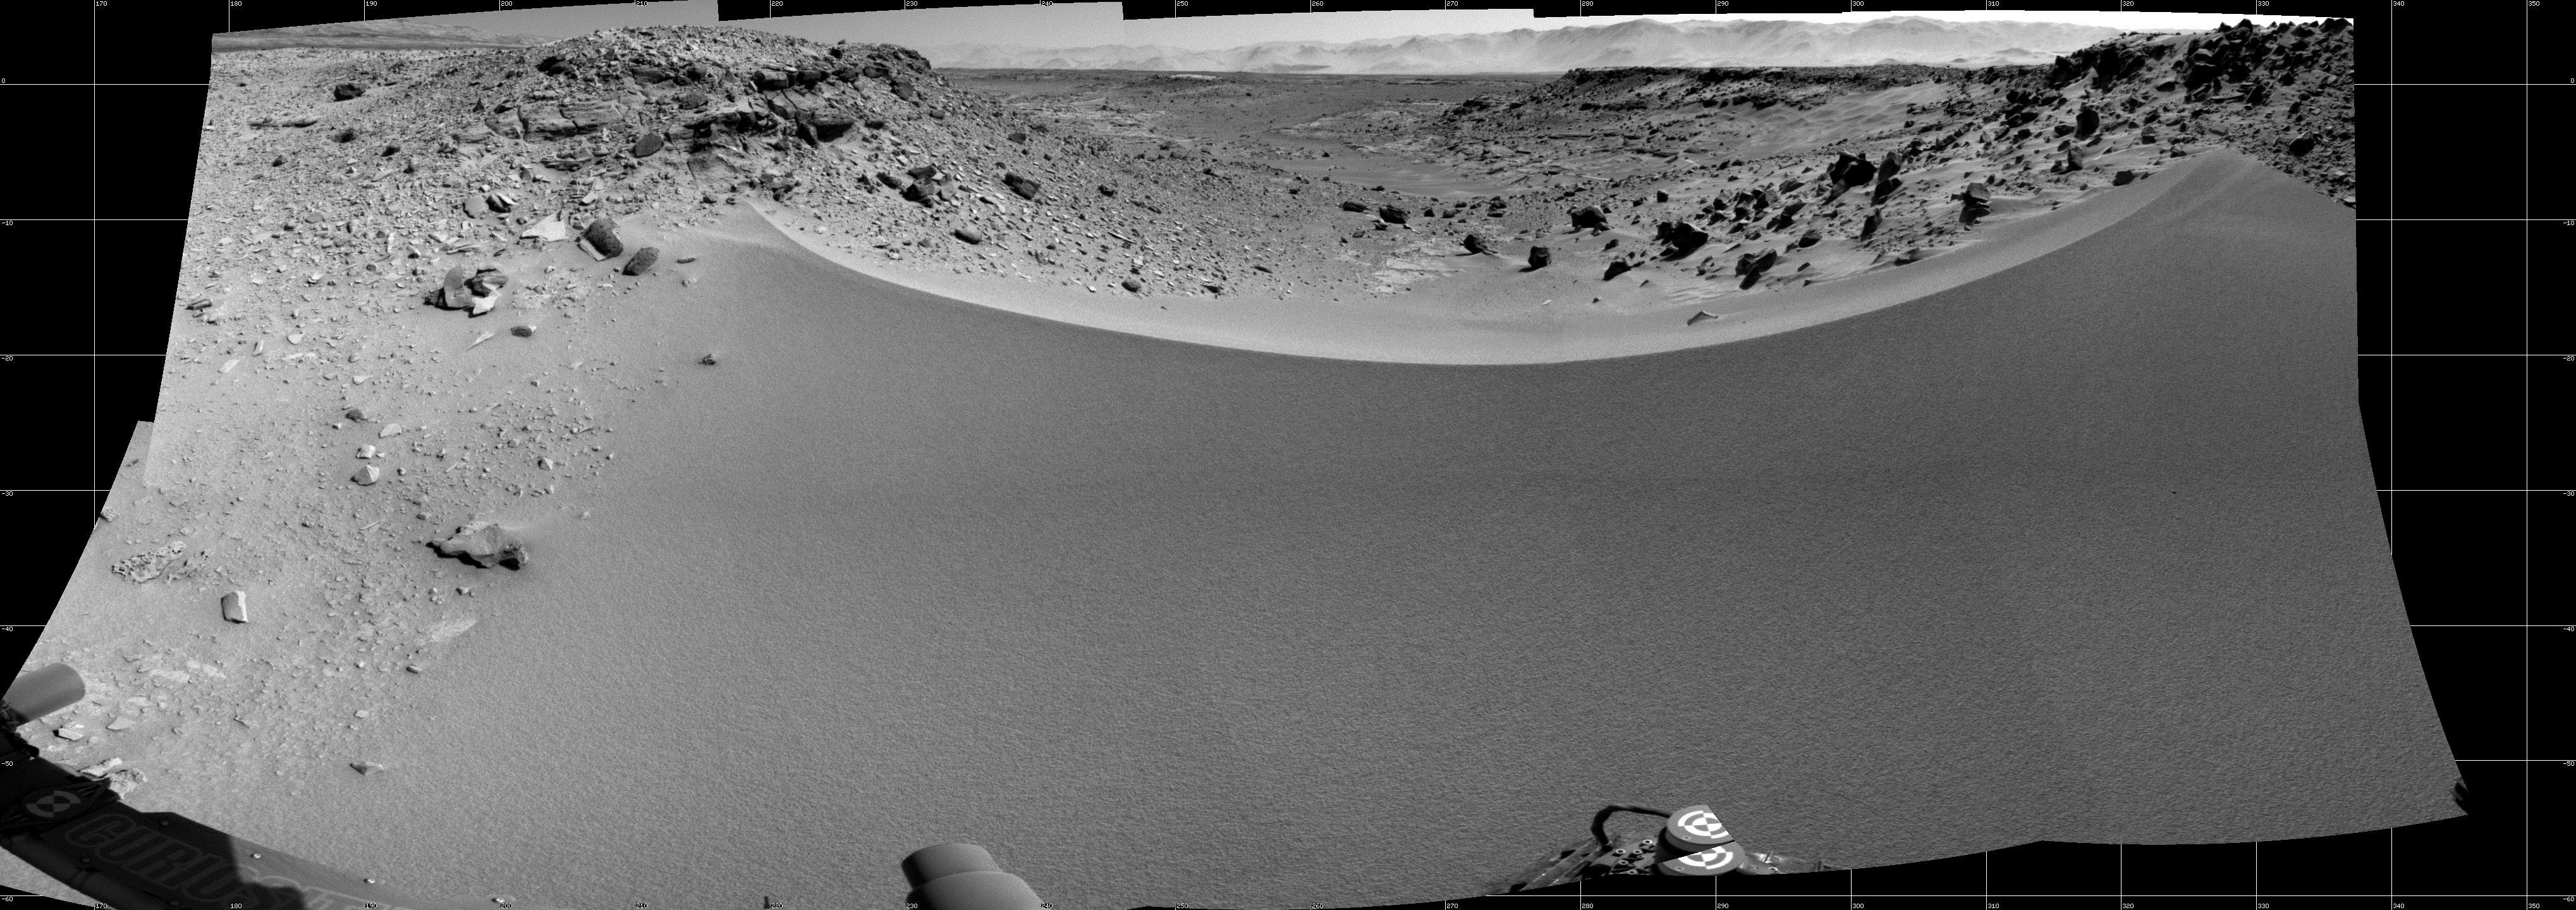 Curiosity-Dingo-gap.jpg